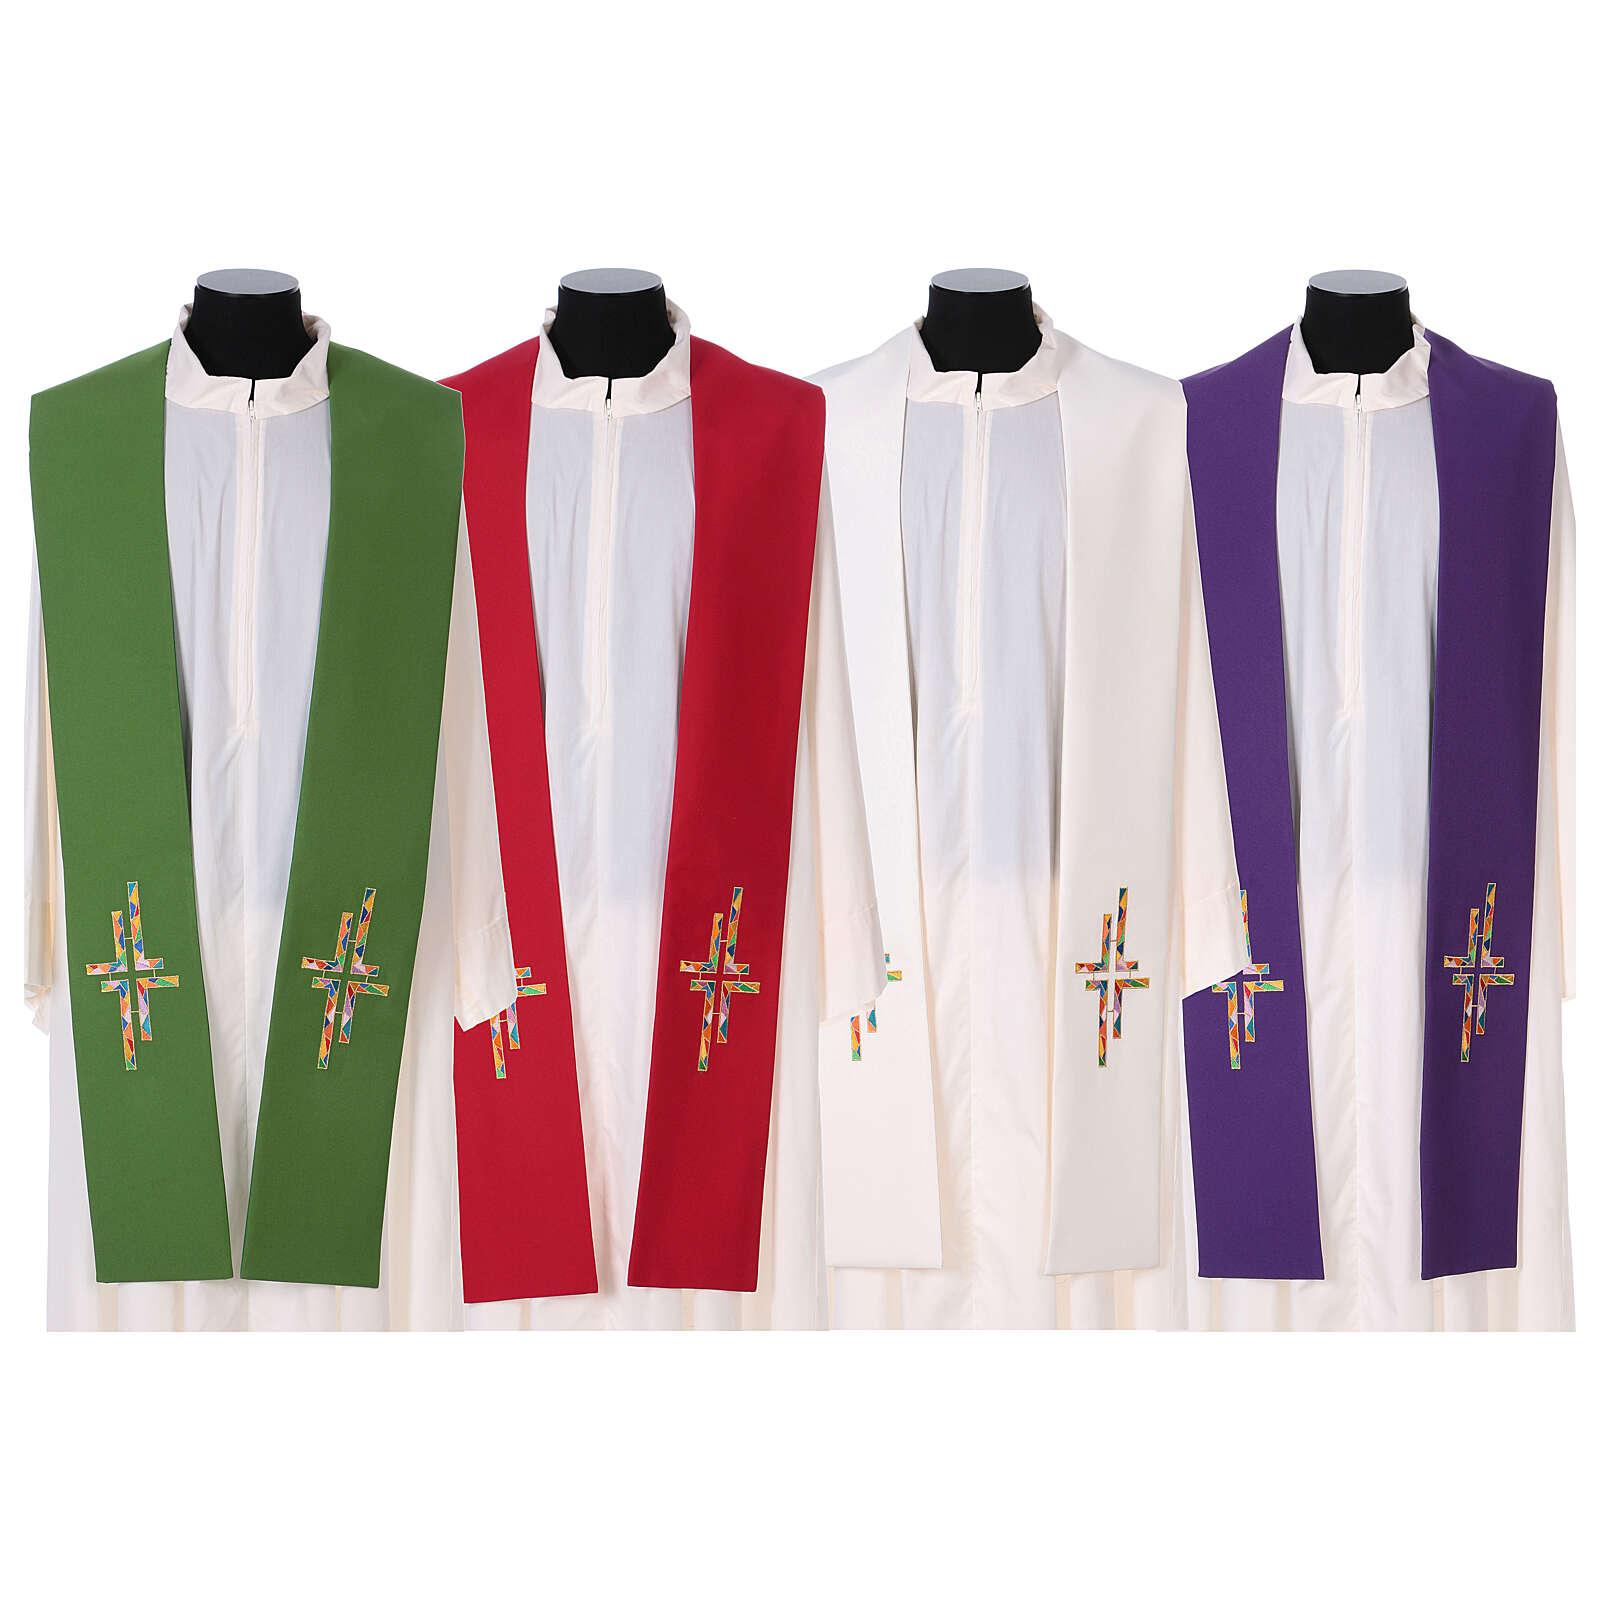 Stola tela poliestere doppia croce multicolor 4